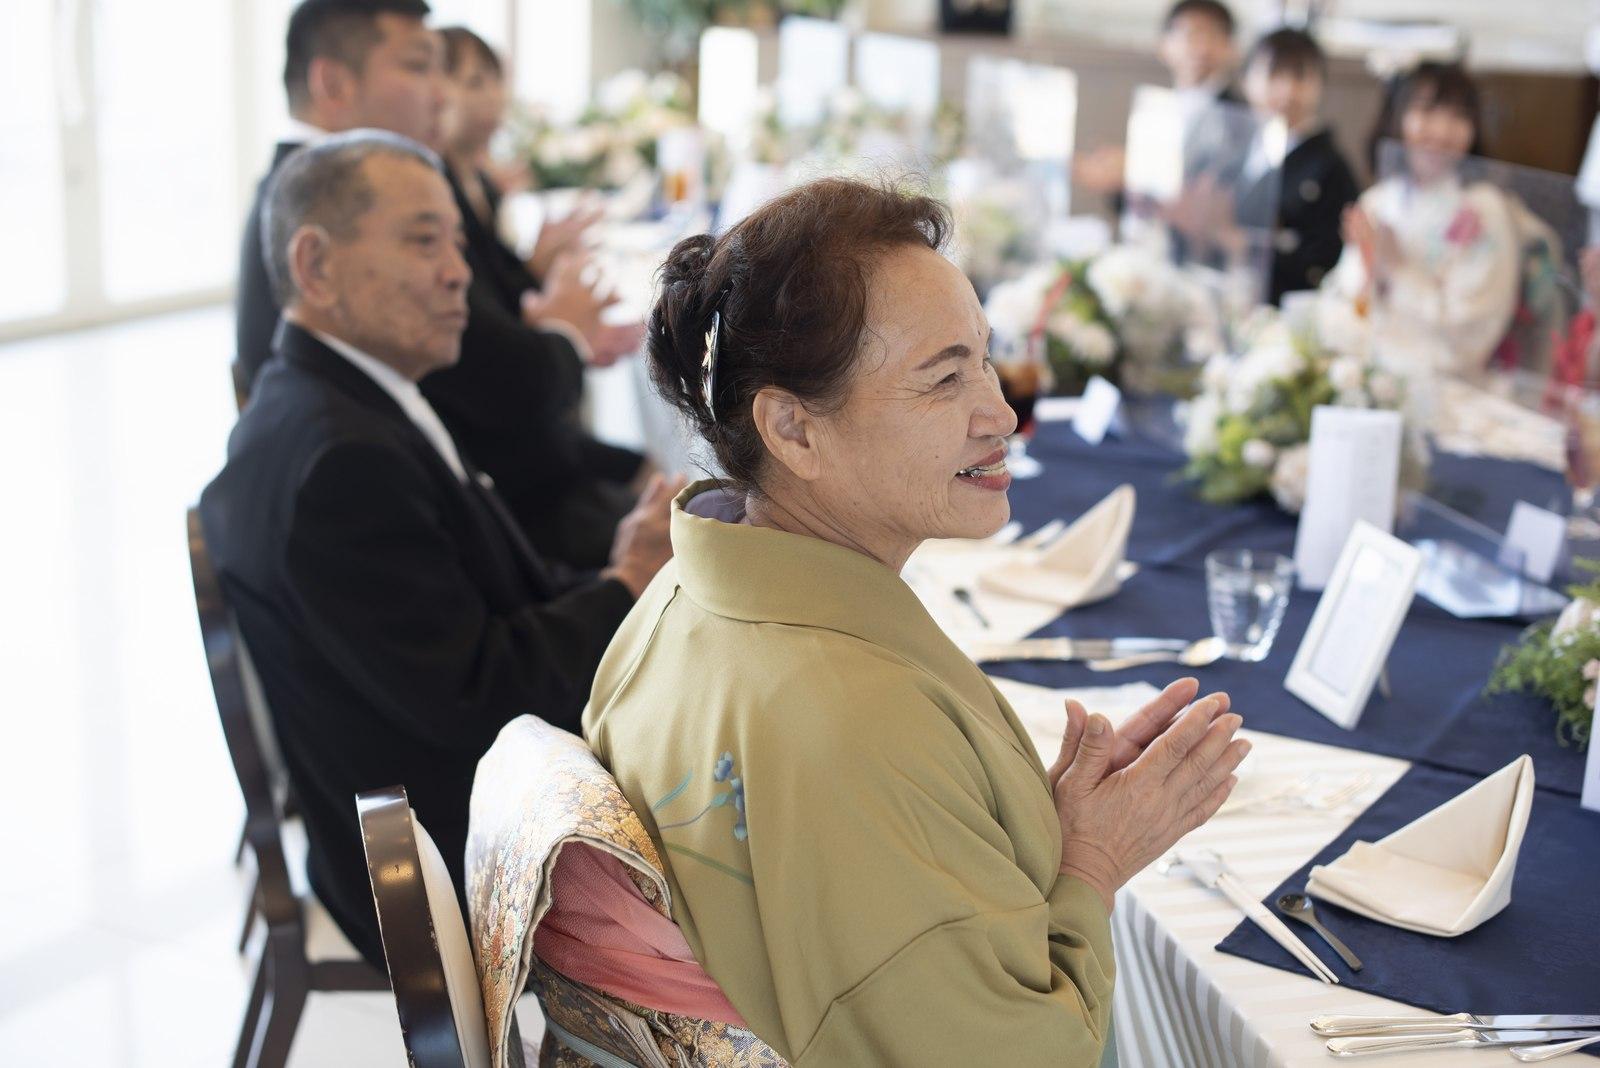 徳島市の結婚式場ブランアンジュの披露宴会場で新郎新婦を見守るゲスト